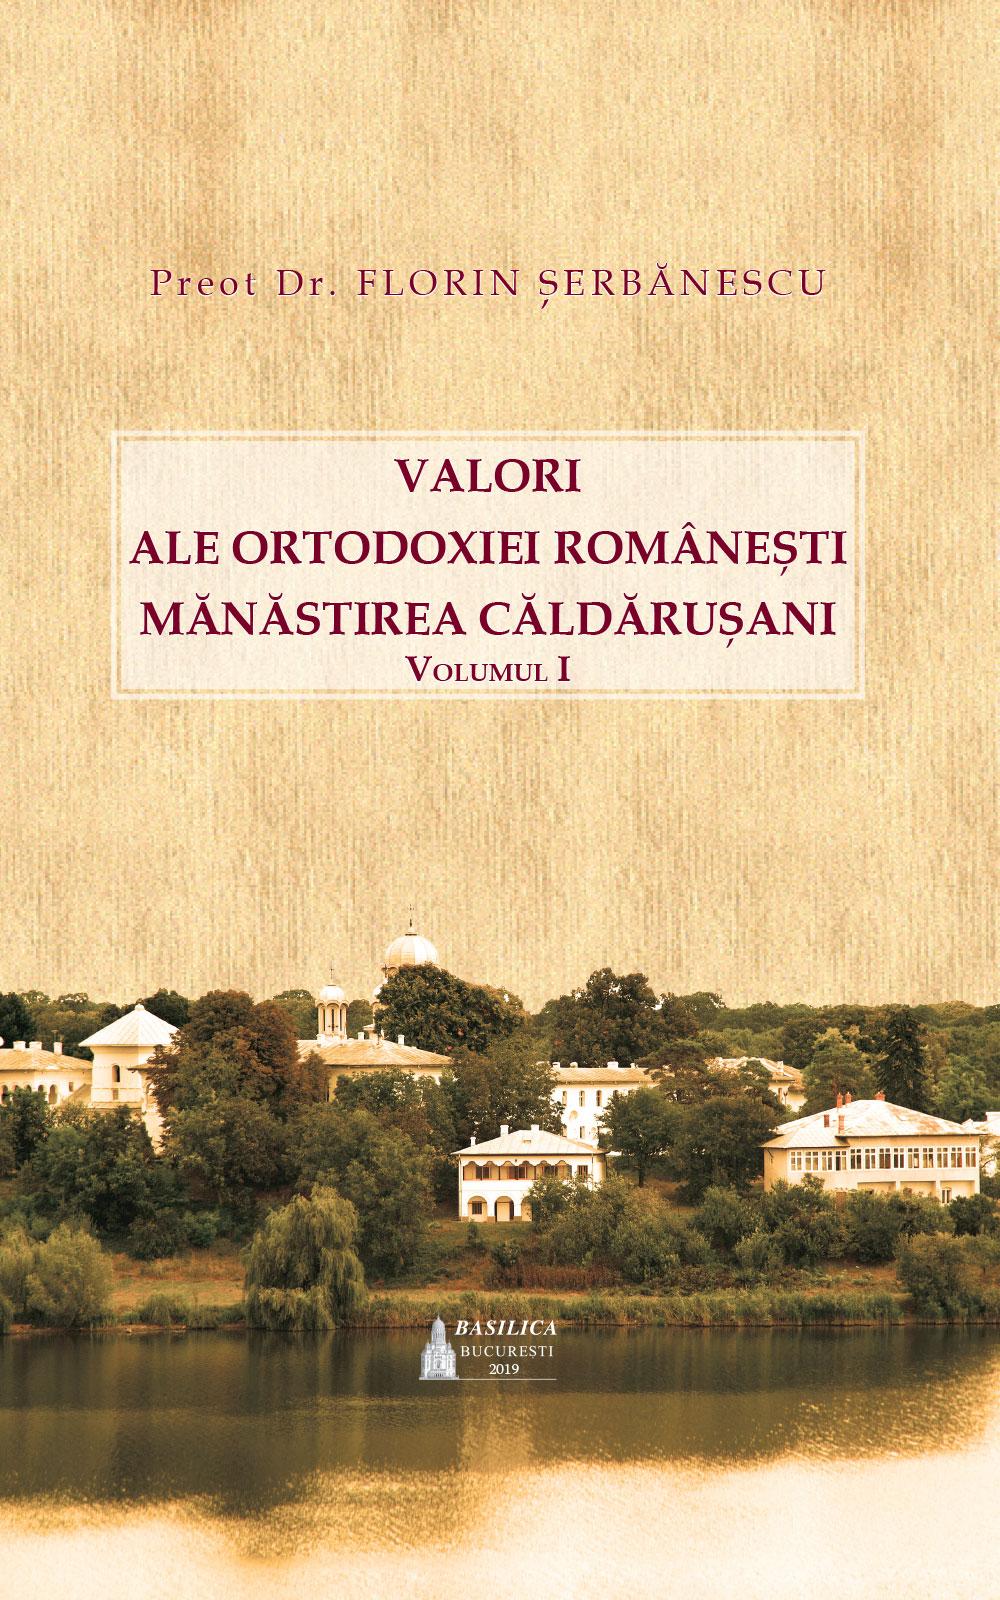 Valori ale Ortodoxiei romanesti: Manastirea Caldarusani